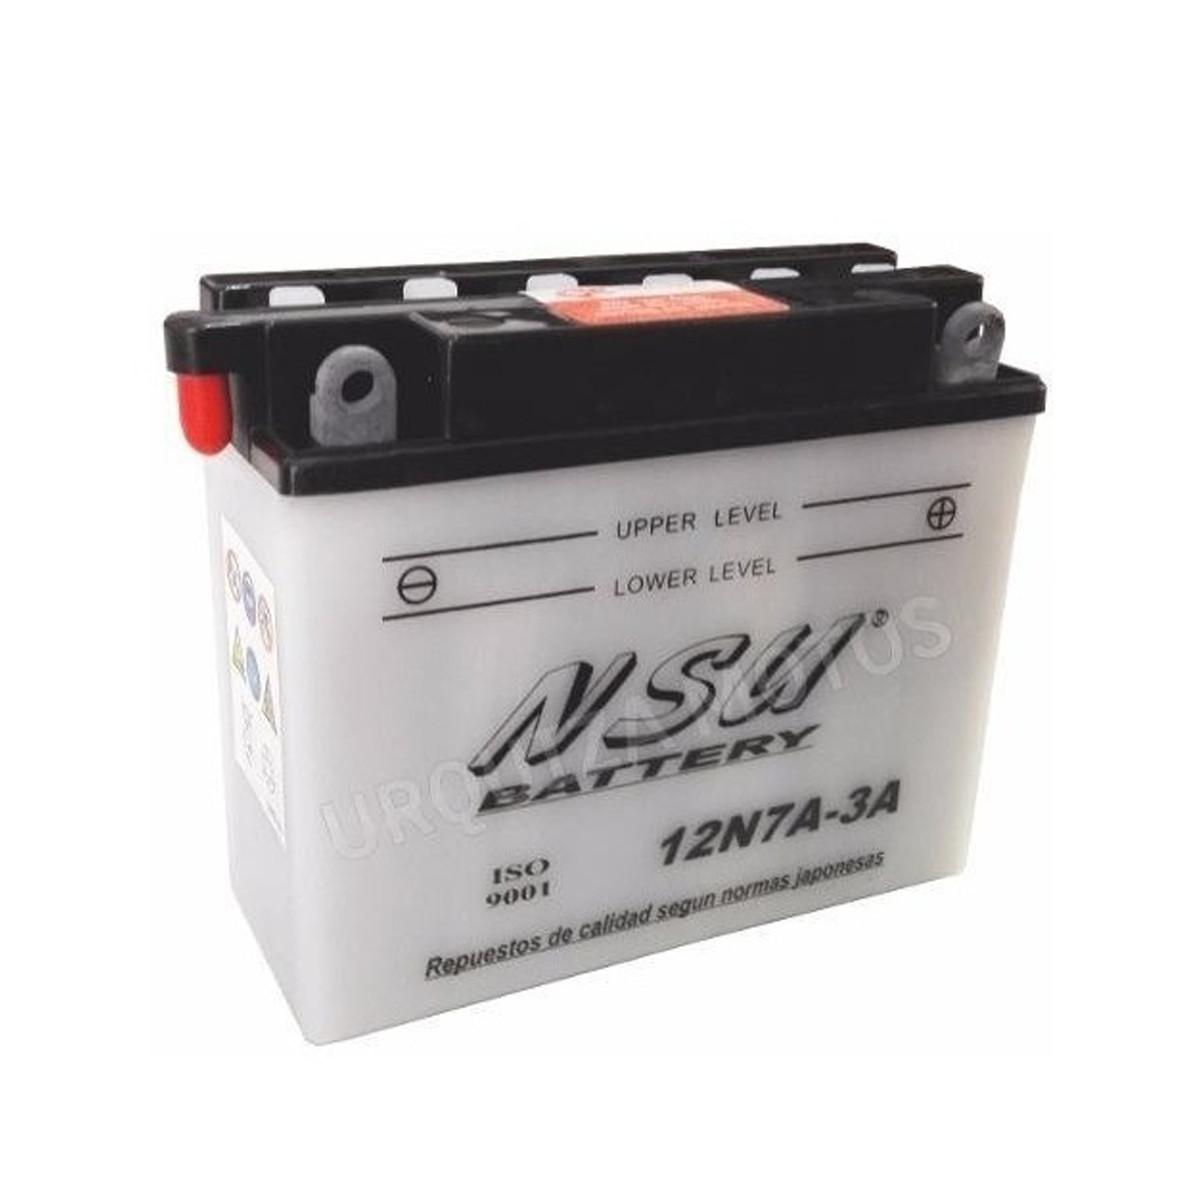 Bateria Nsu 12n7a 3a